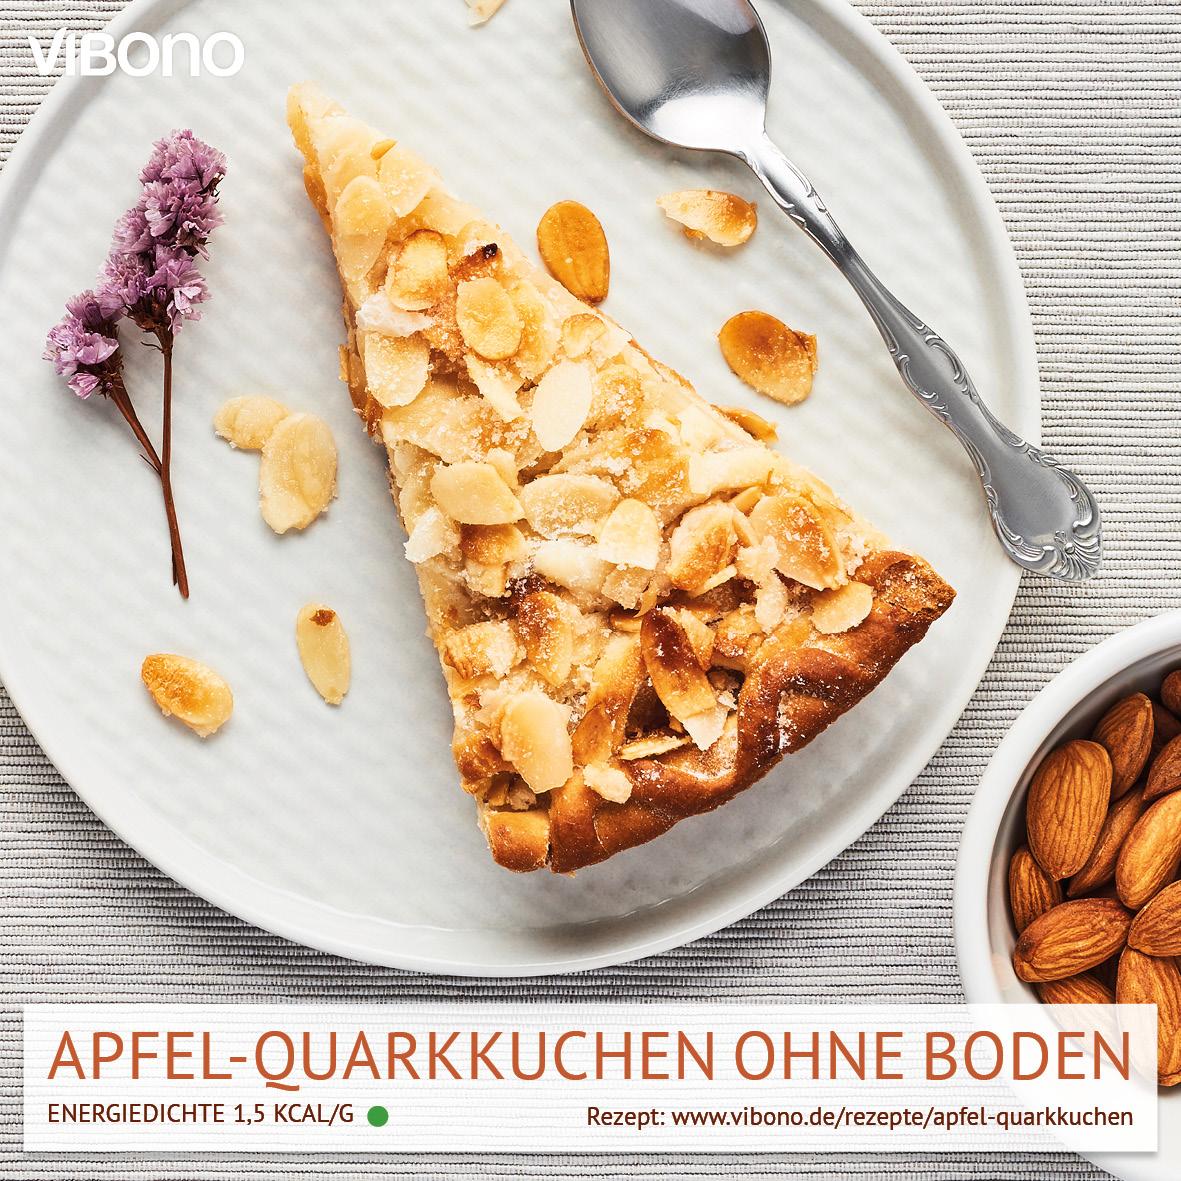 Apfel-Quarkkuchen ohne Boden